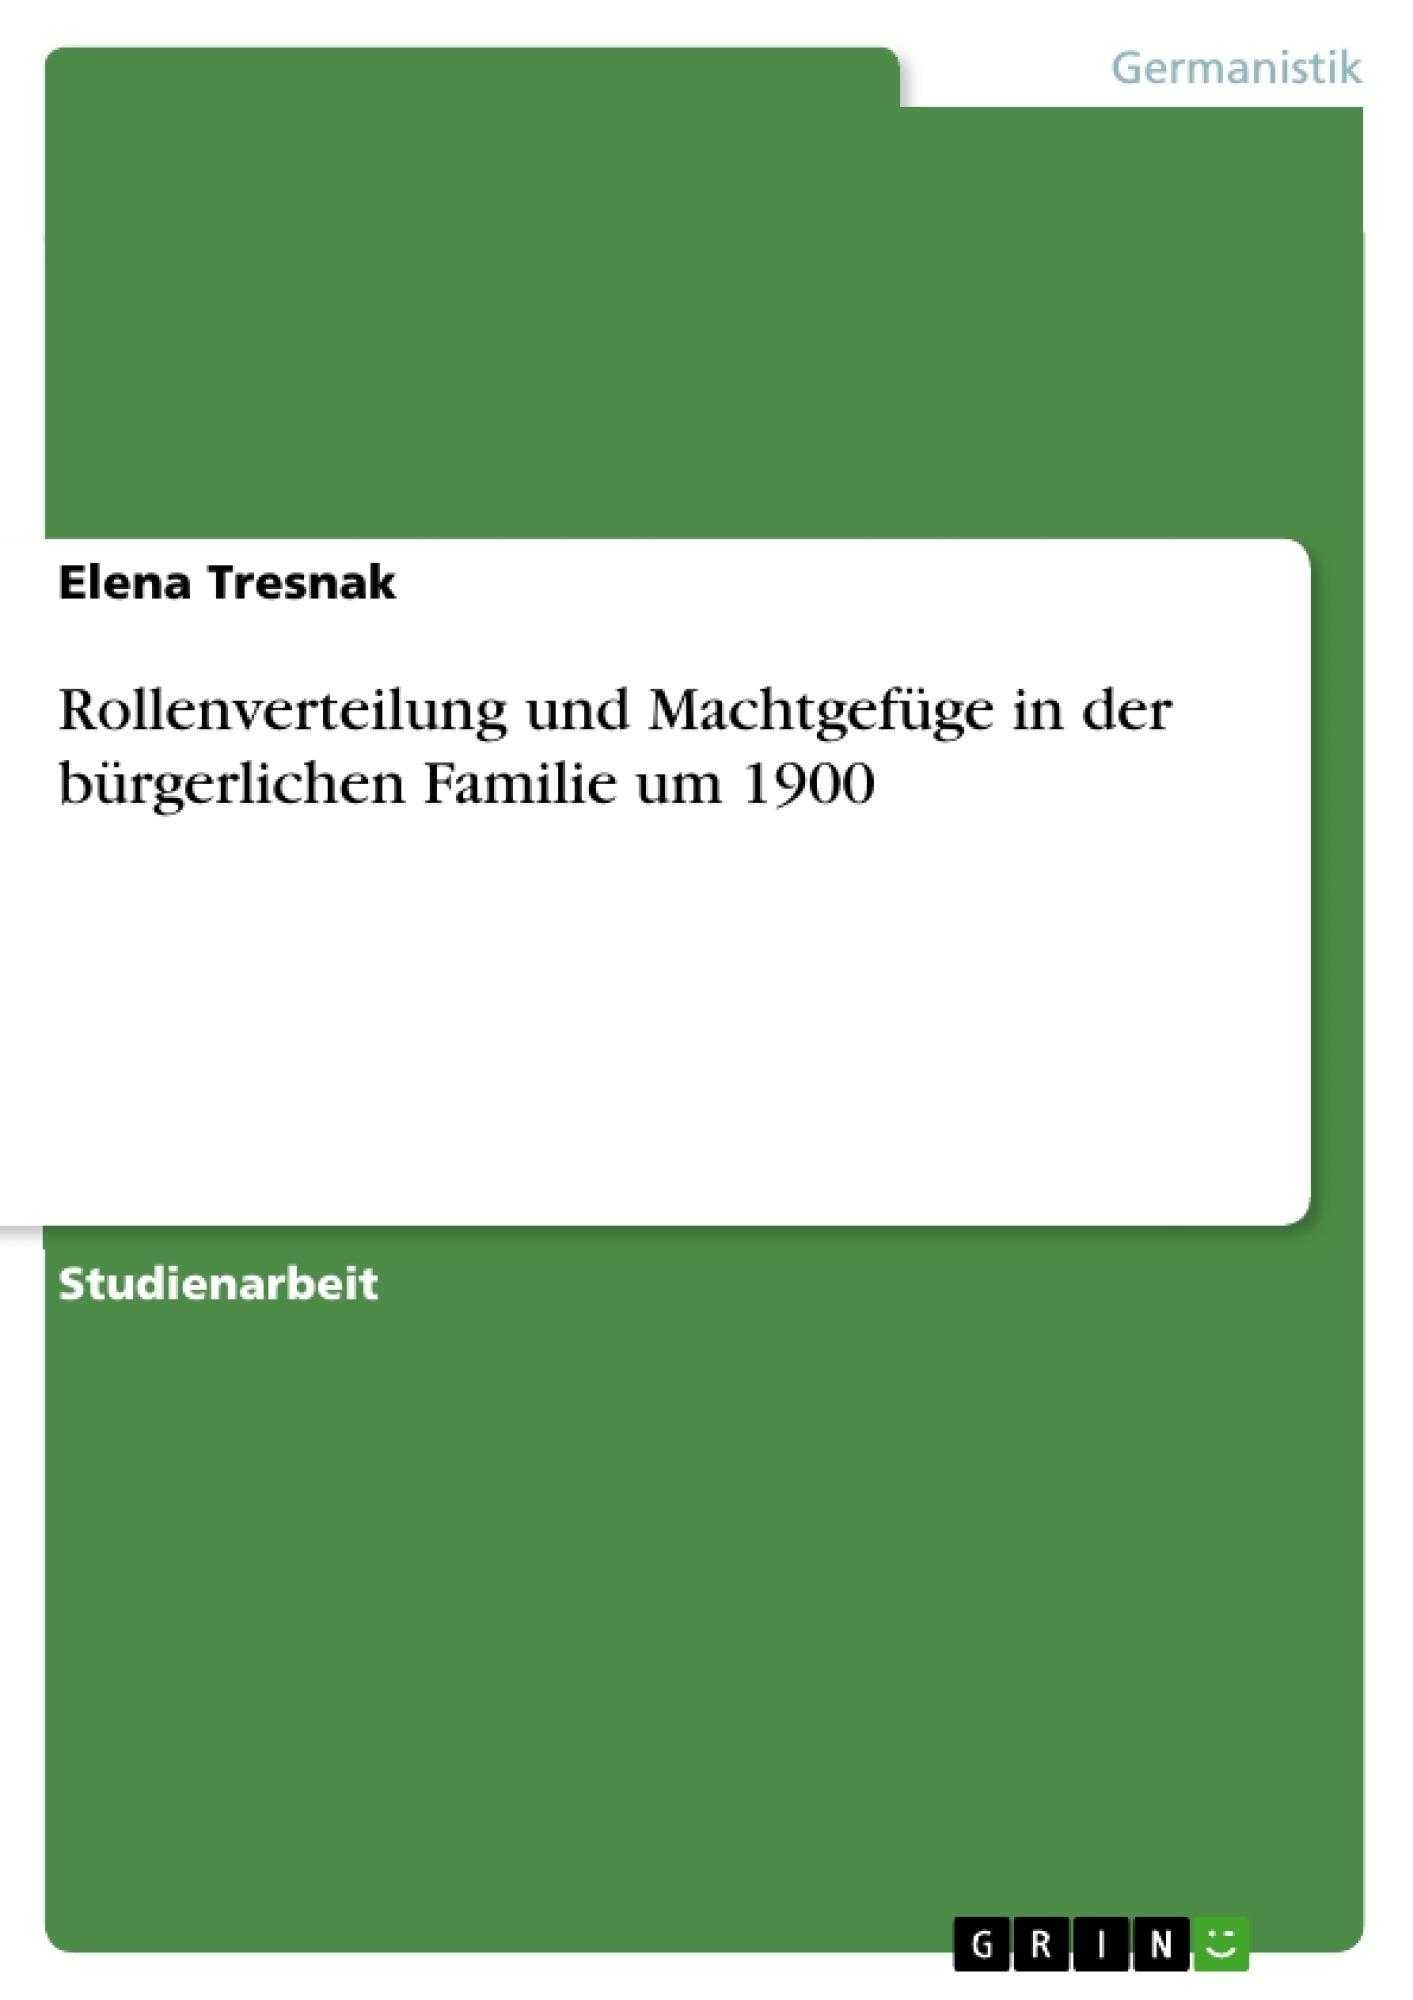 Titel: Rollenverteilung und Machtgefüge in der bürgerlichen Familie um 1900